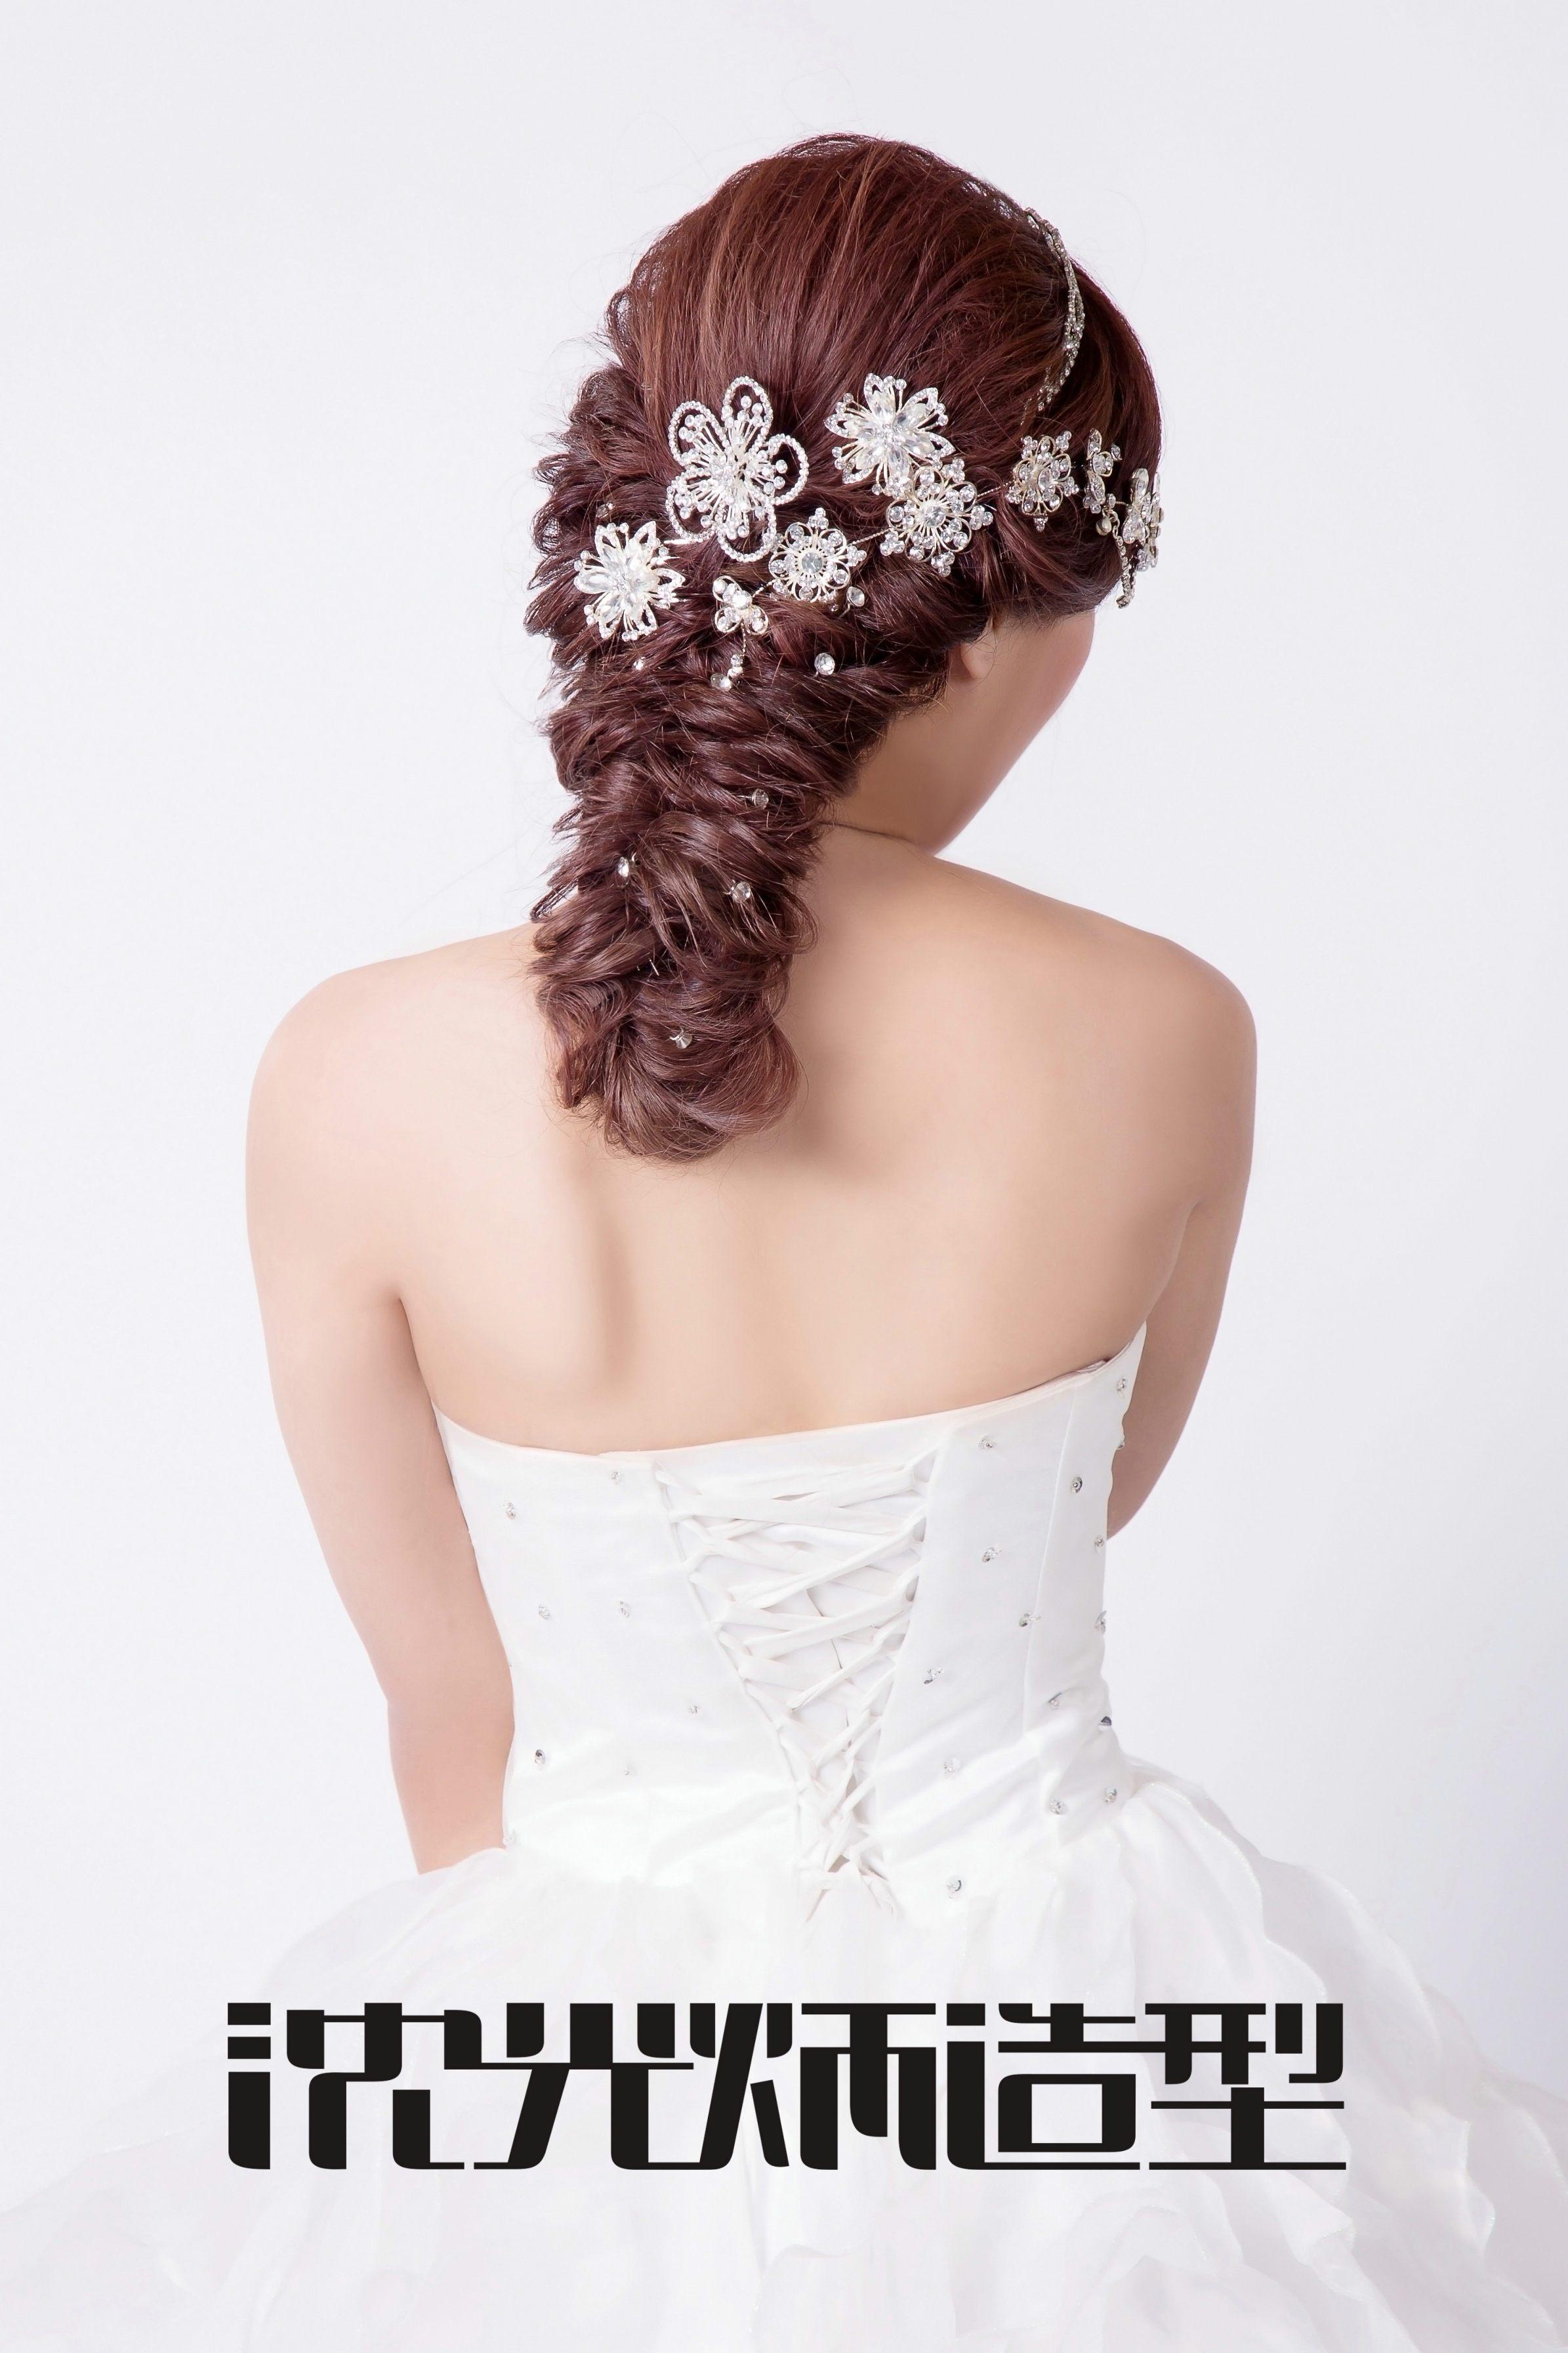 2018年沈光炳造型流行新娘造型,韩式新娘发型特点及步骤,新娘发型图片图片